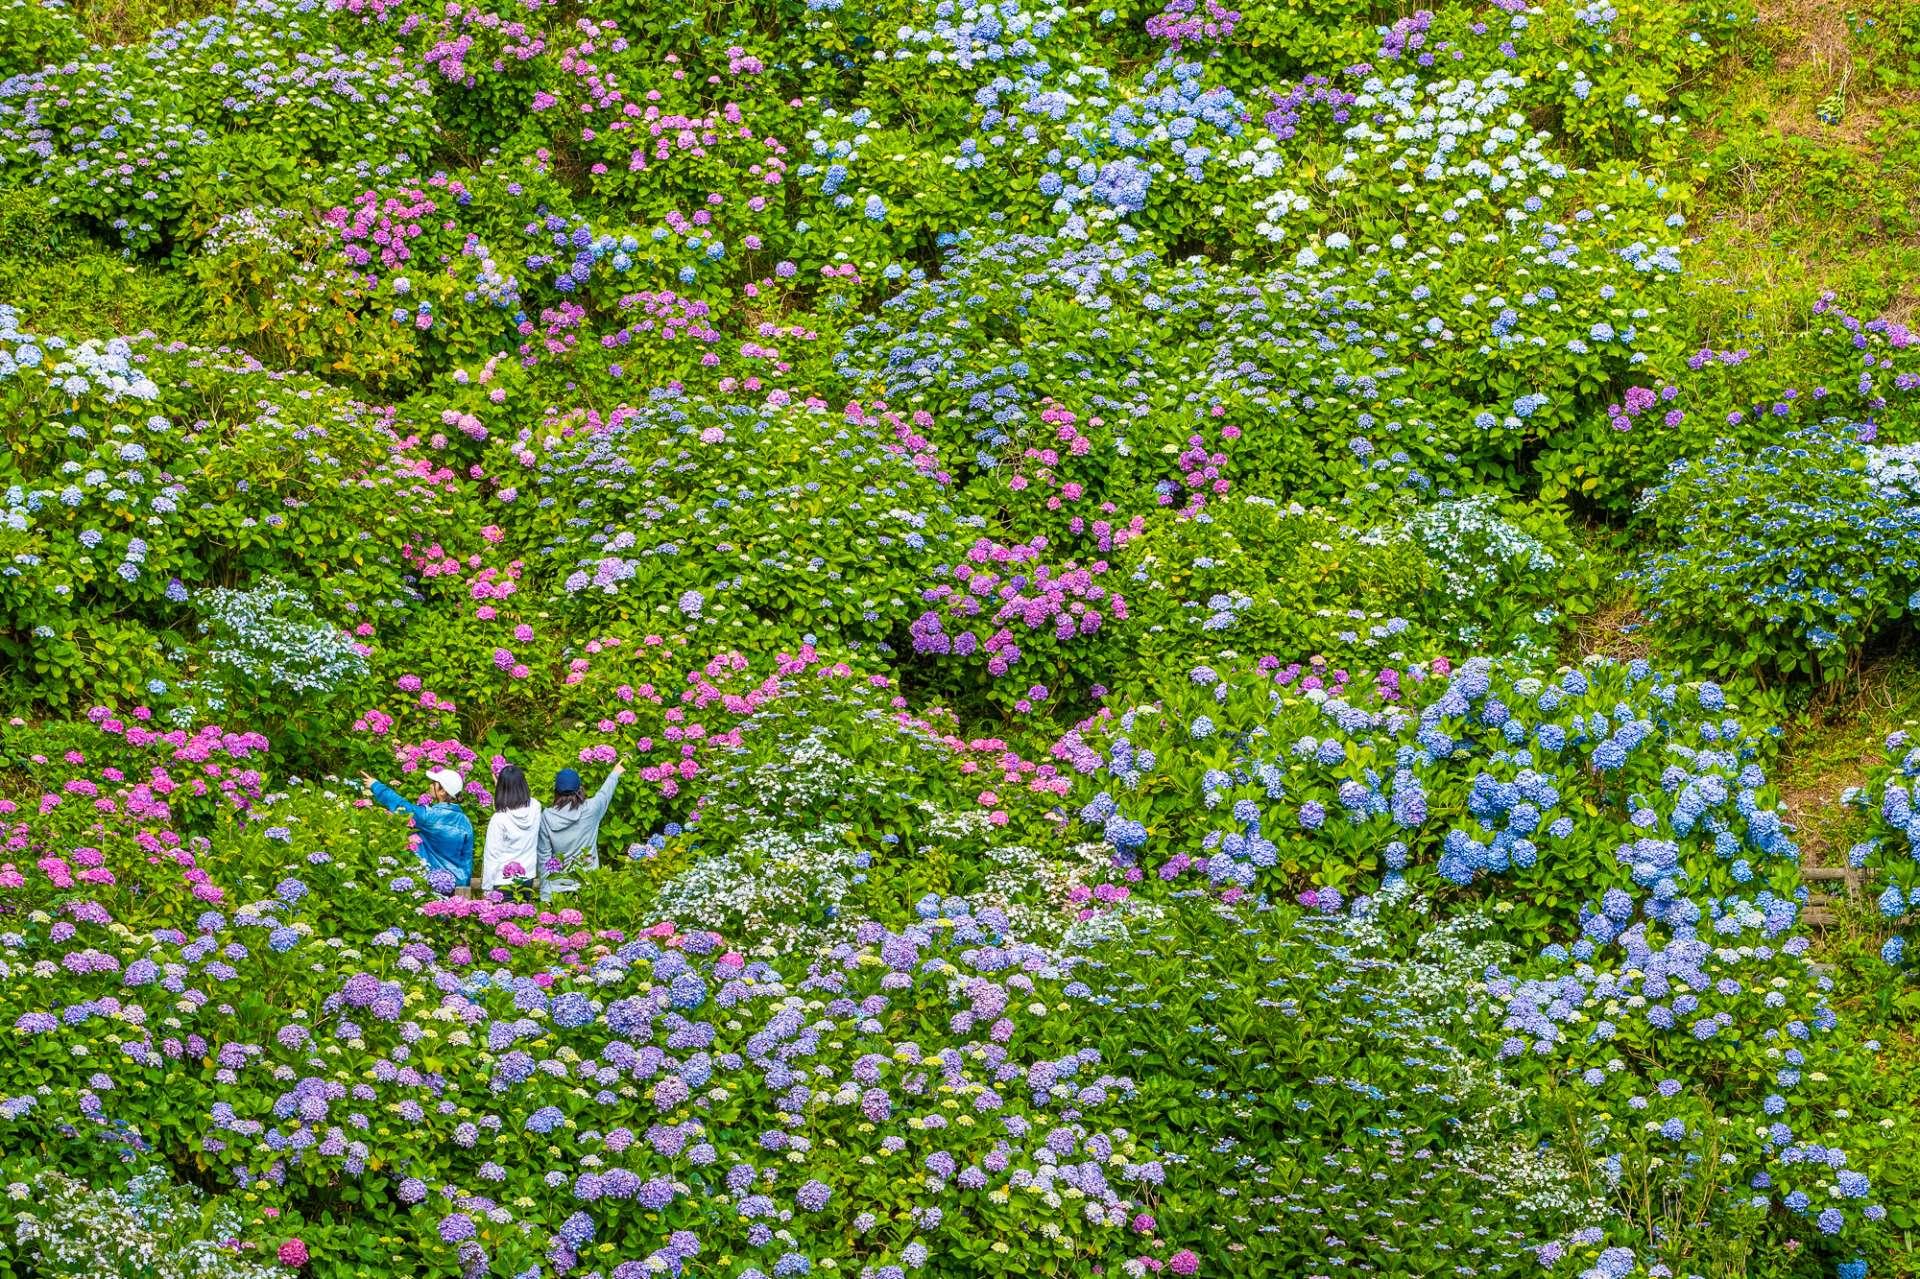 周圍360度全都是美麗的紫陽花!